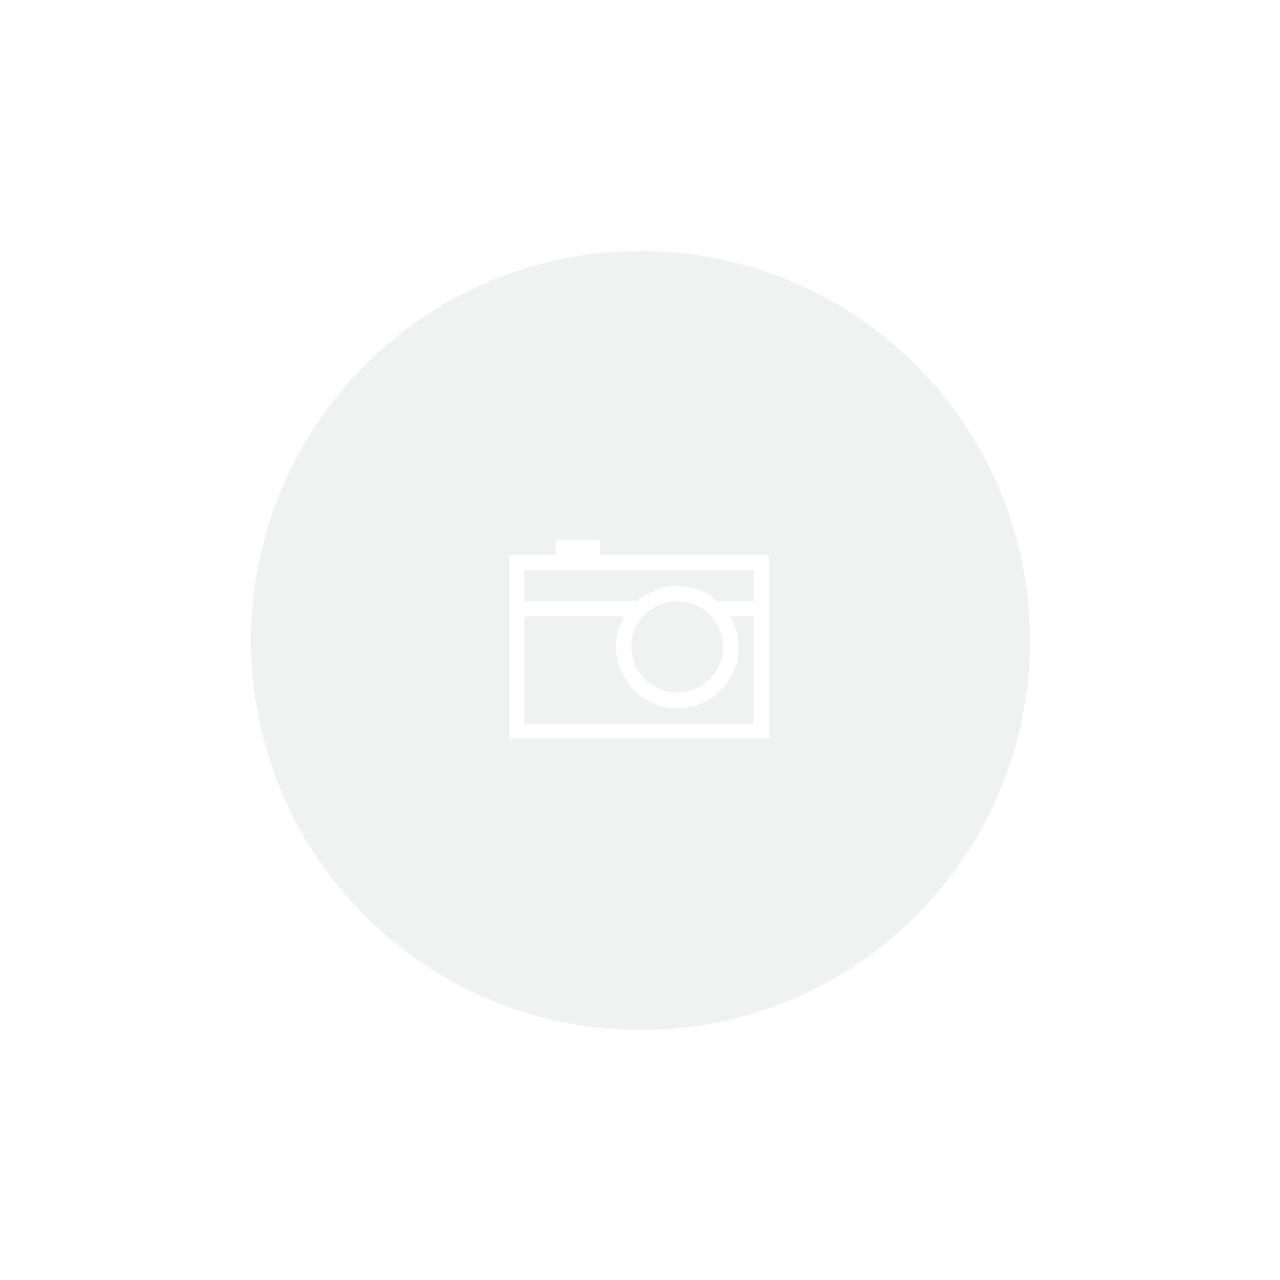 Batedor Manual de Nylon Branco